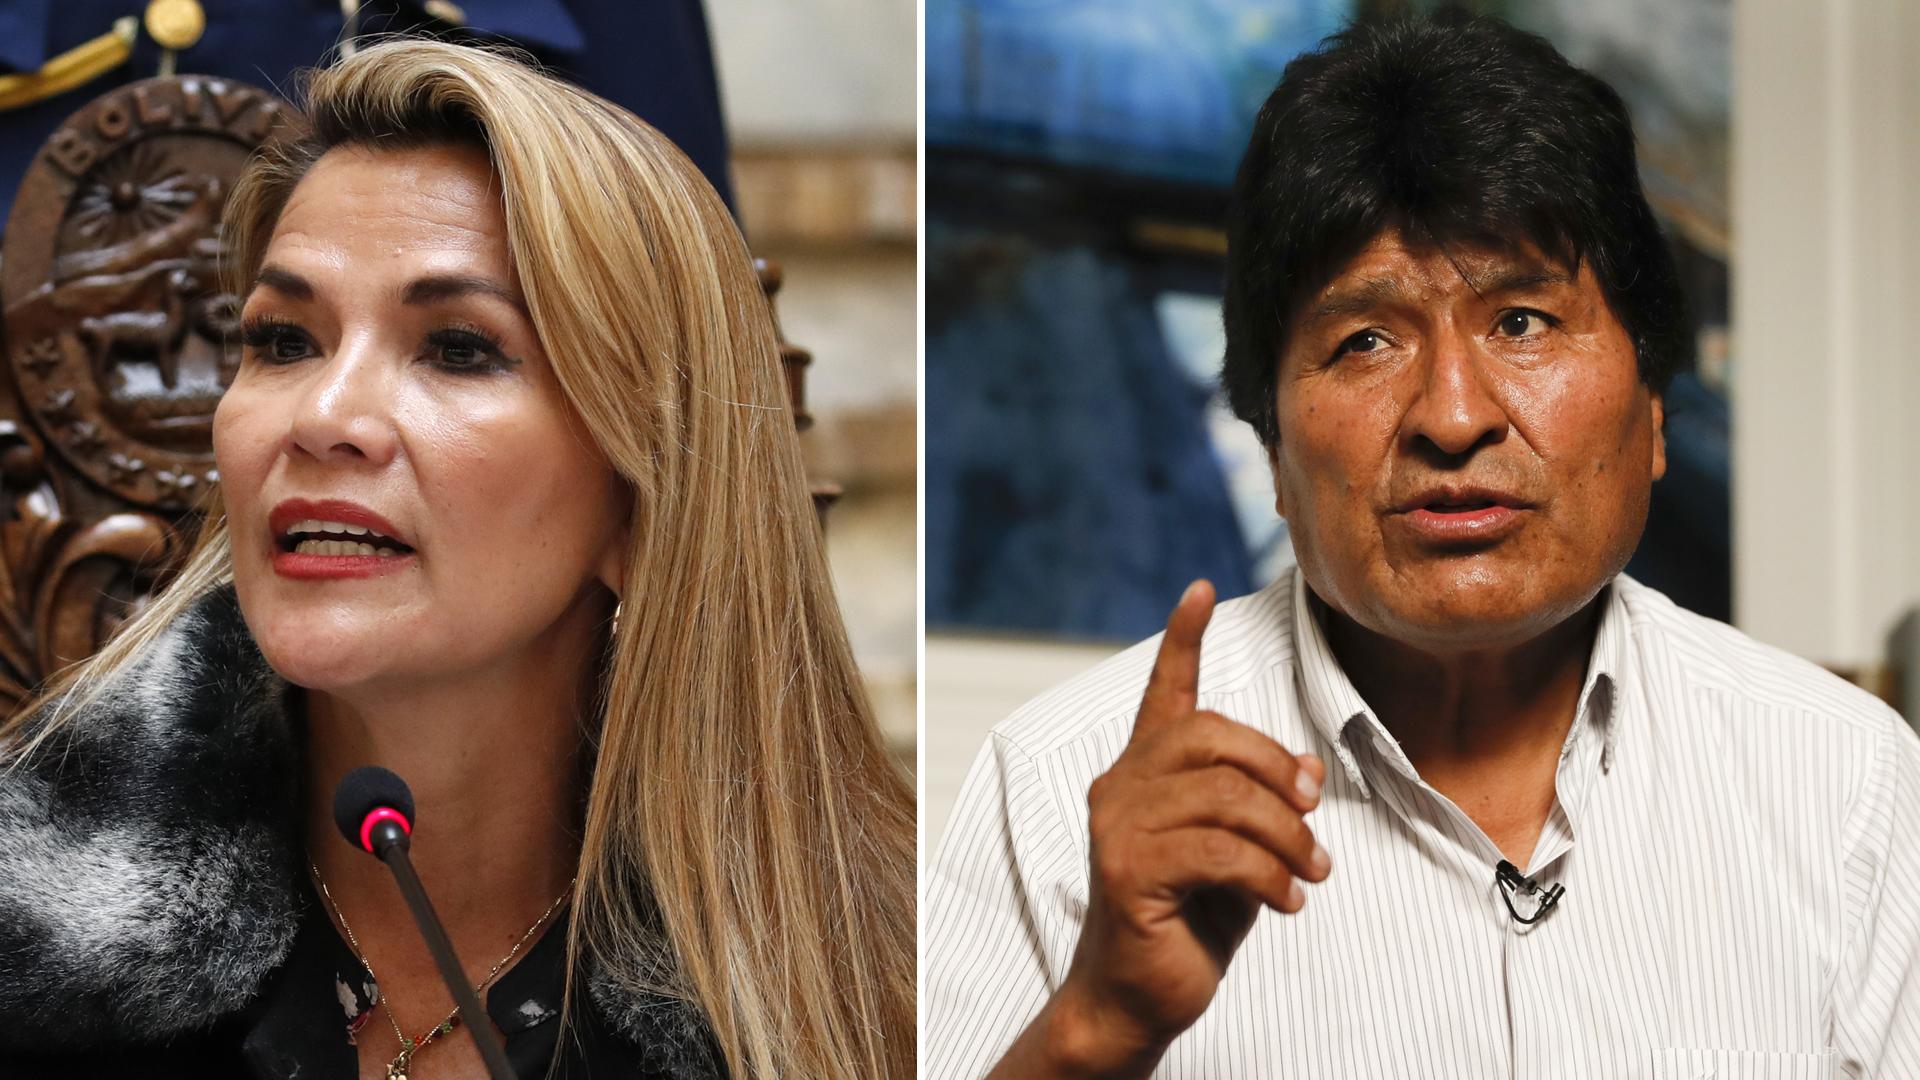 Nueva presidenta de Bolivia le declara la guerra a Evo Morales